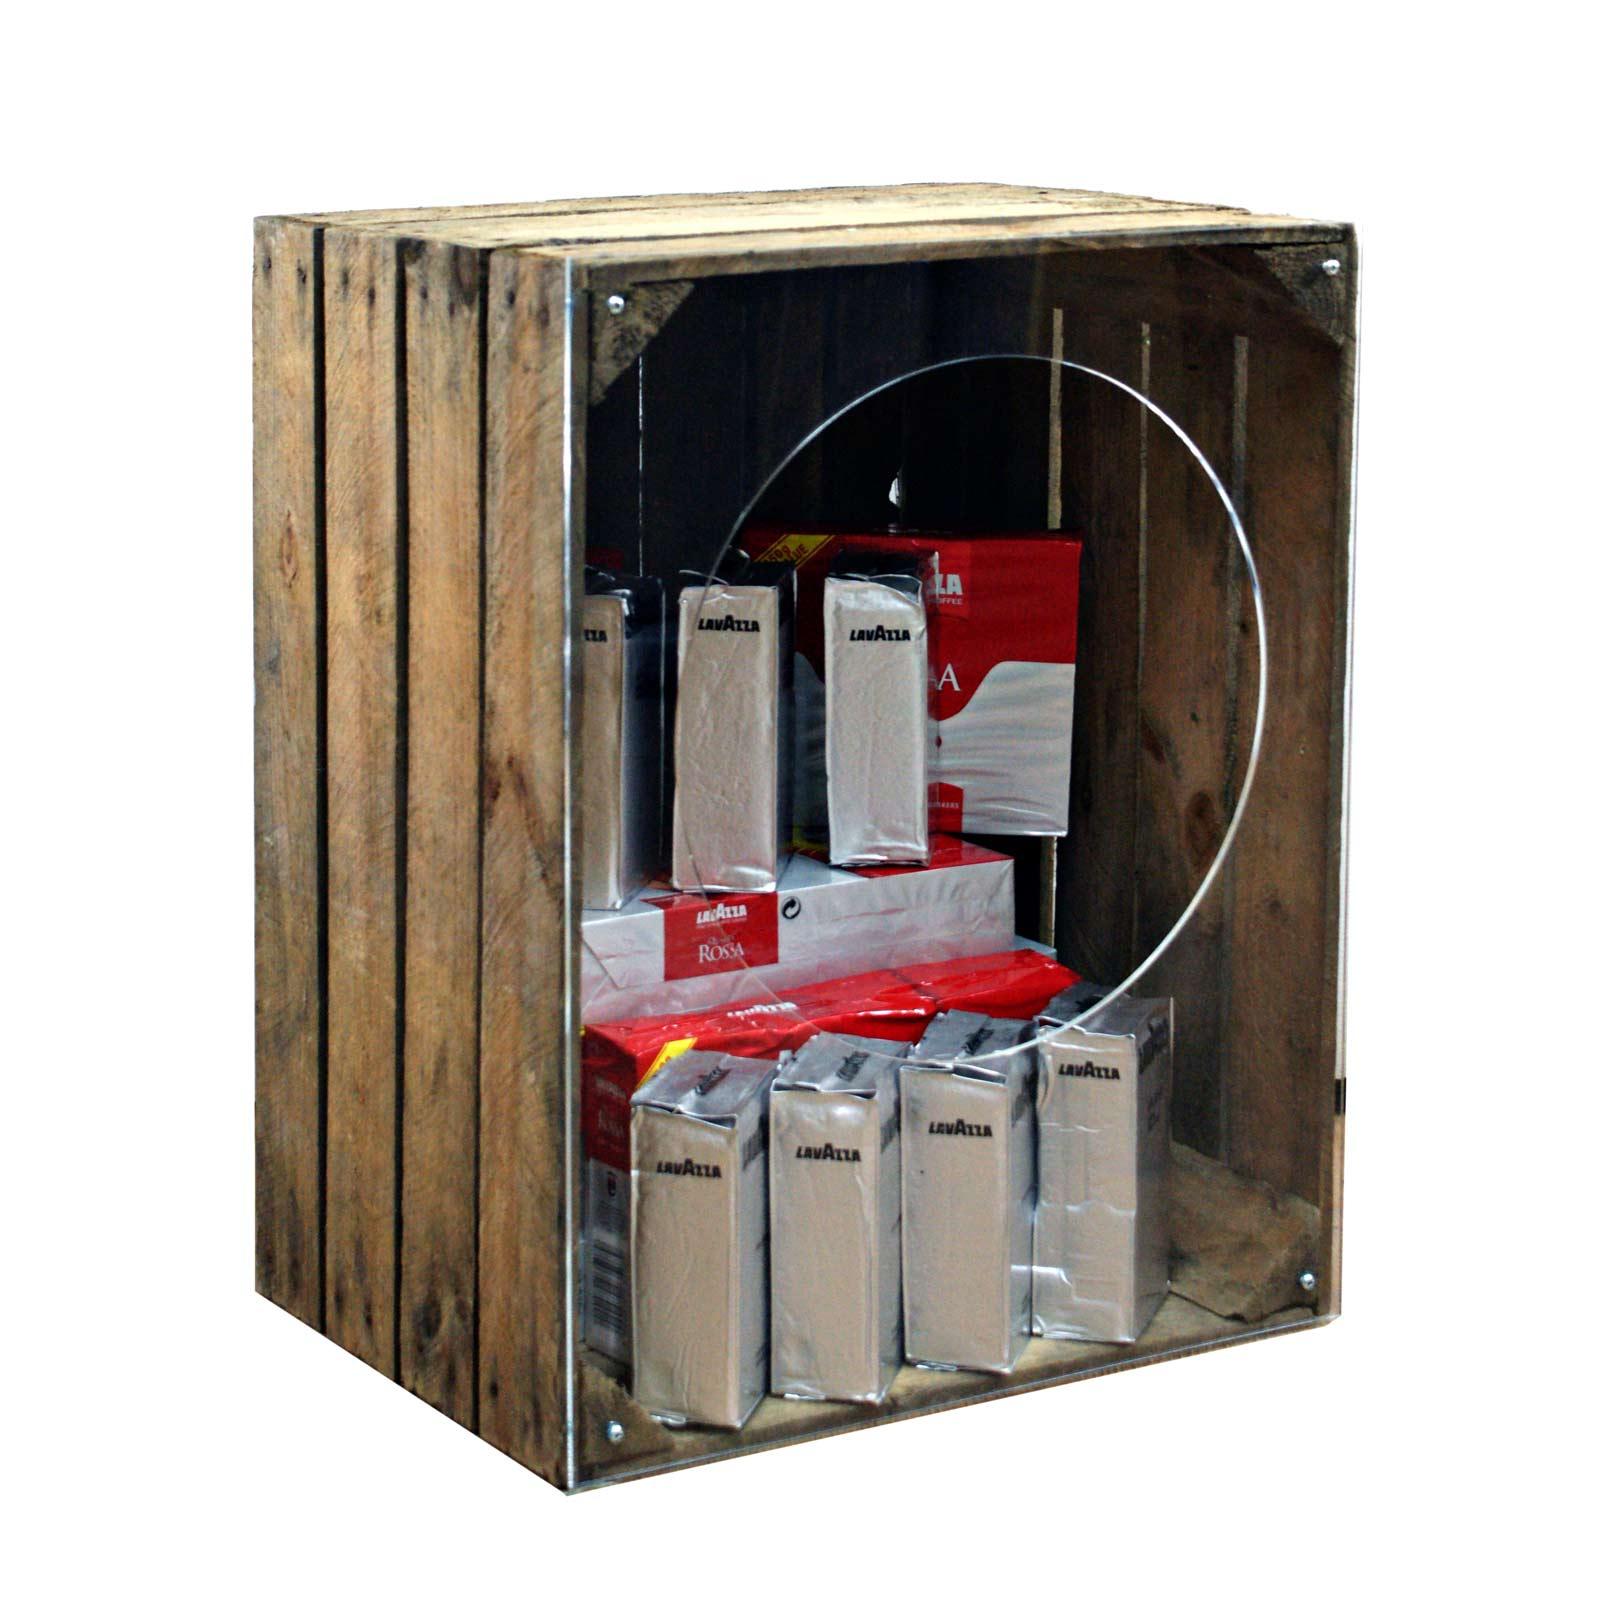 Artisan Rustic Wooden Crate Merchandiser Single Cr8s6